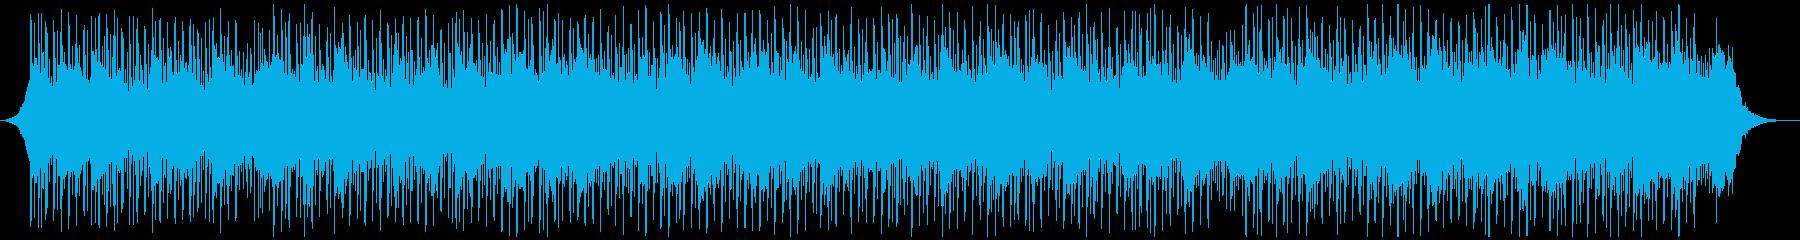 バックグラウンドインタビューの再生済みの波形